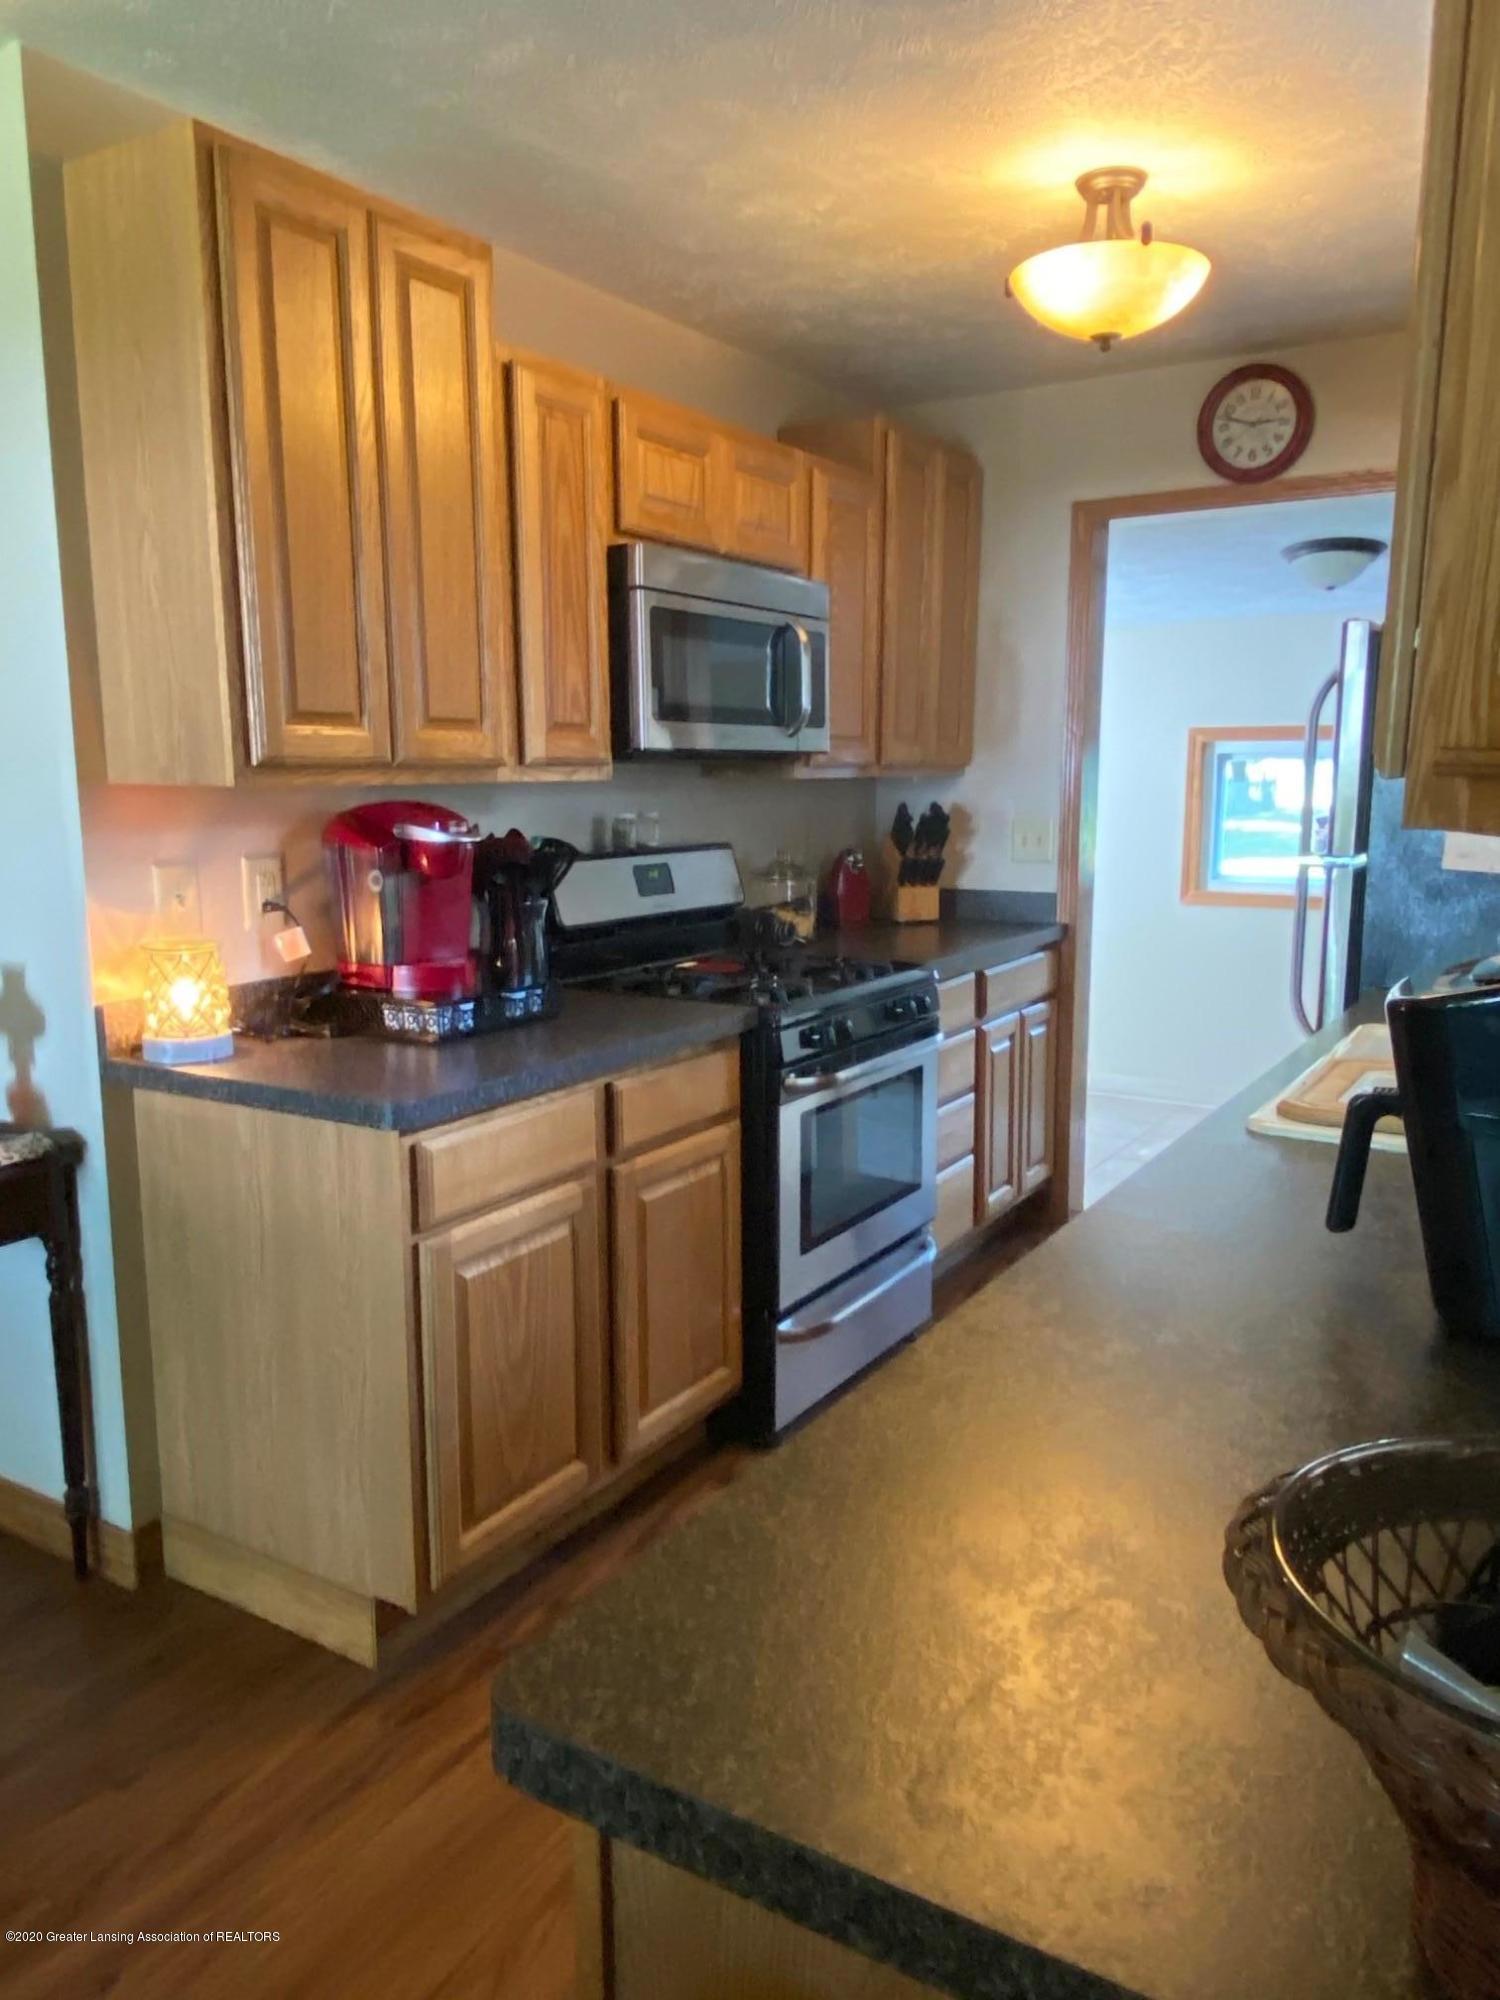 624 E Grand River Rd - Kitchen 2 - 8